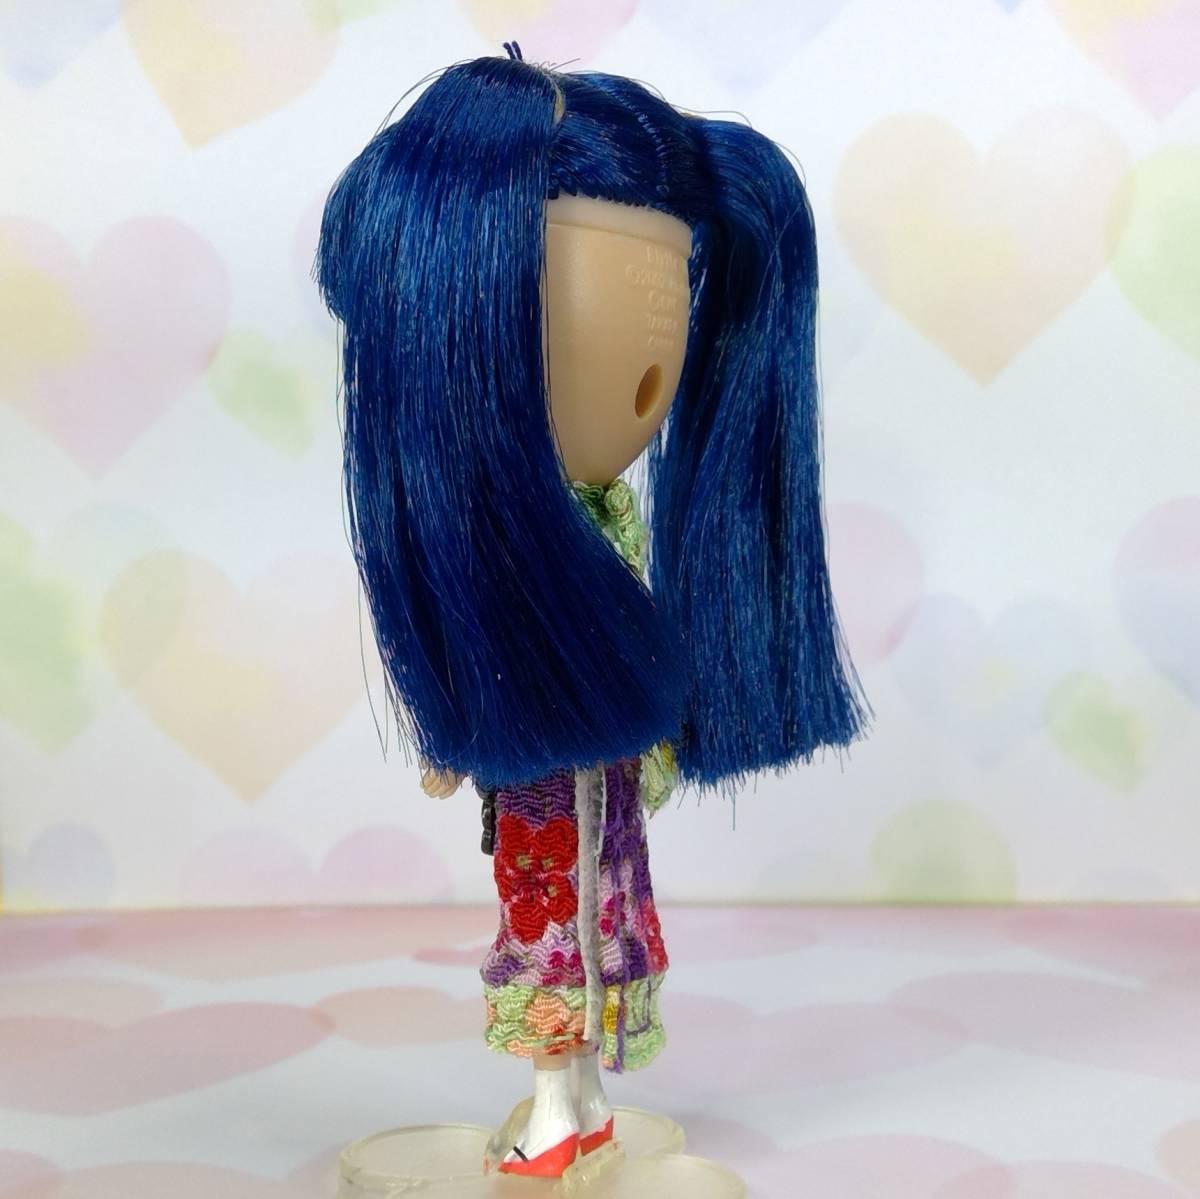 【中古品】○プチブライス、〇アジアンバタフライ、ブルーの髪 チャイナ風のヘアスタイル ちりめん風生地、箱無し、本体のみ_画像7